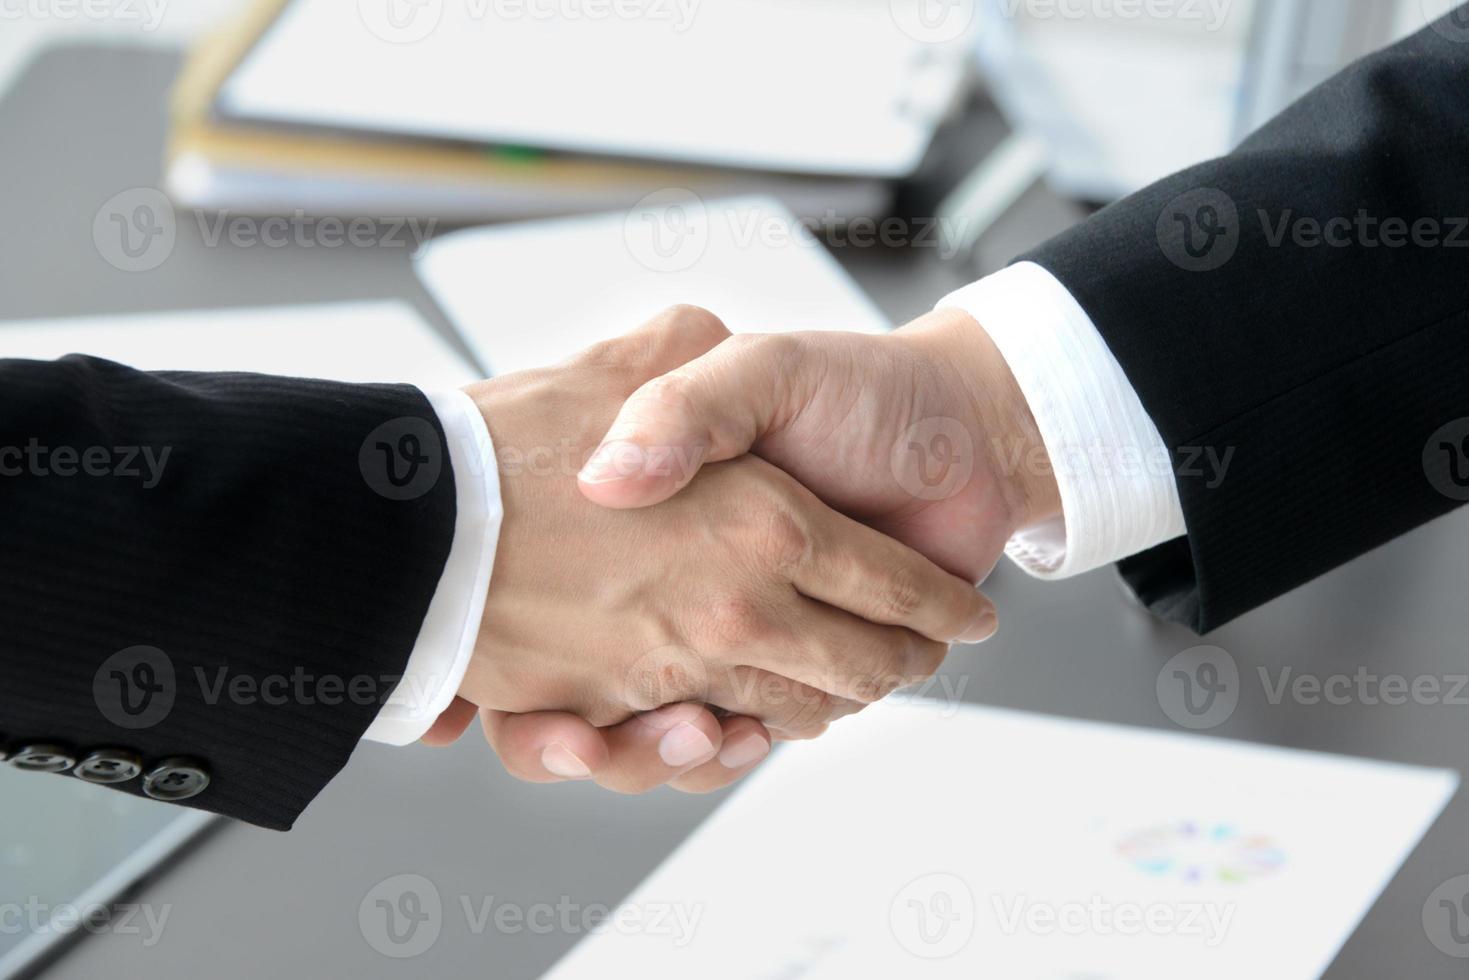 bedrijfsimago, handen schudden ter voltooiing van een contract foto